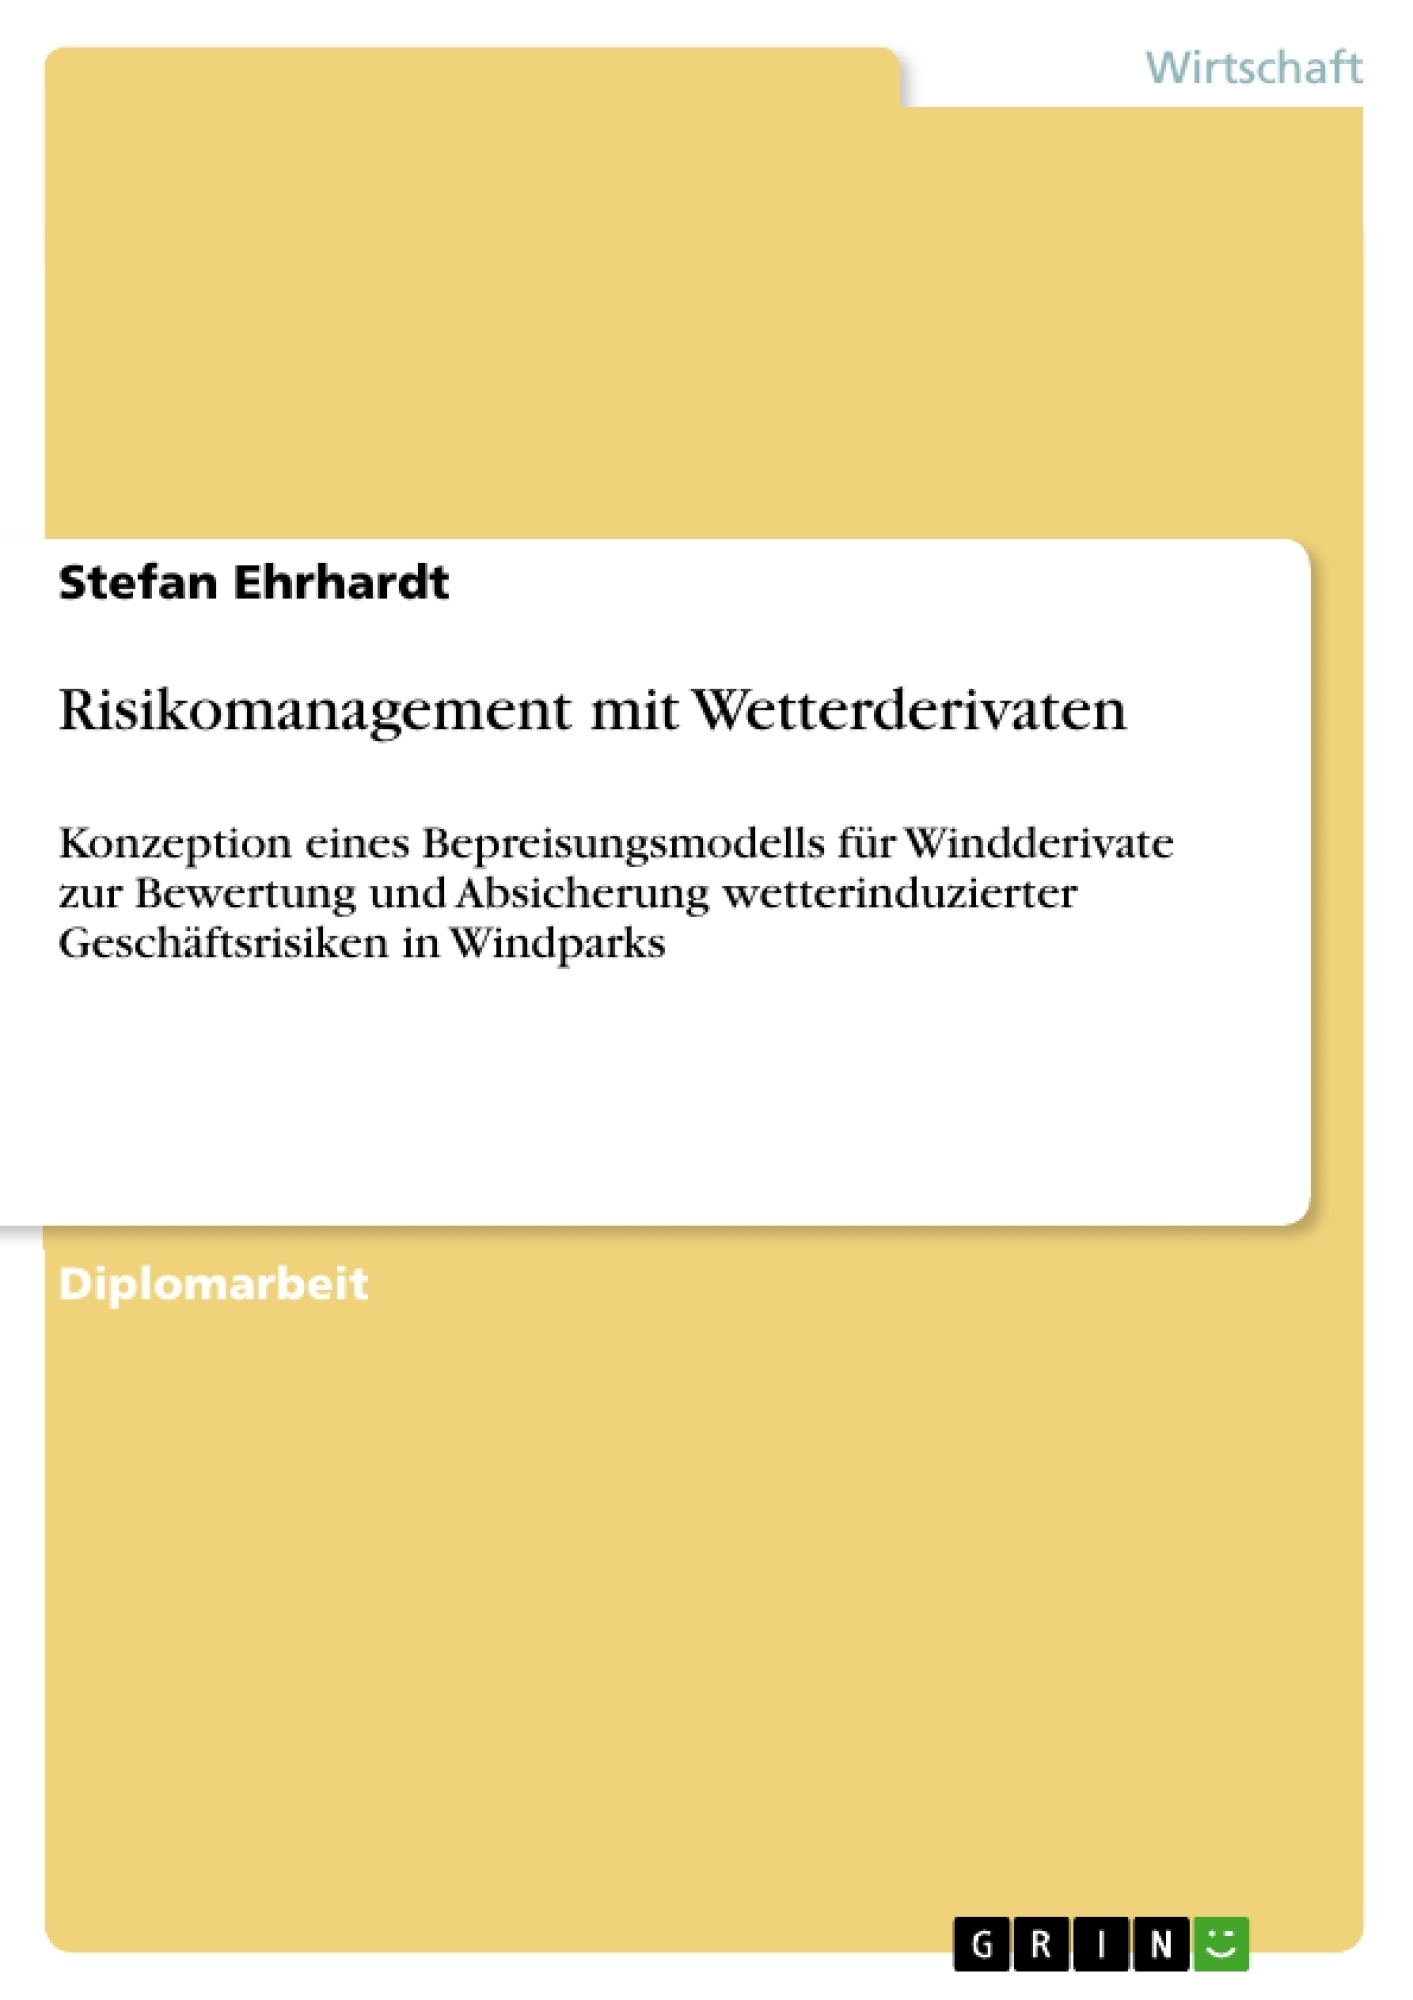 Titel: Risikomanagement mit Wetterderivaten